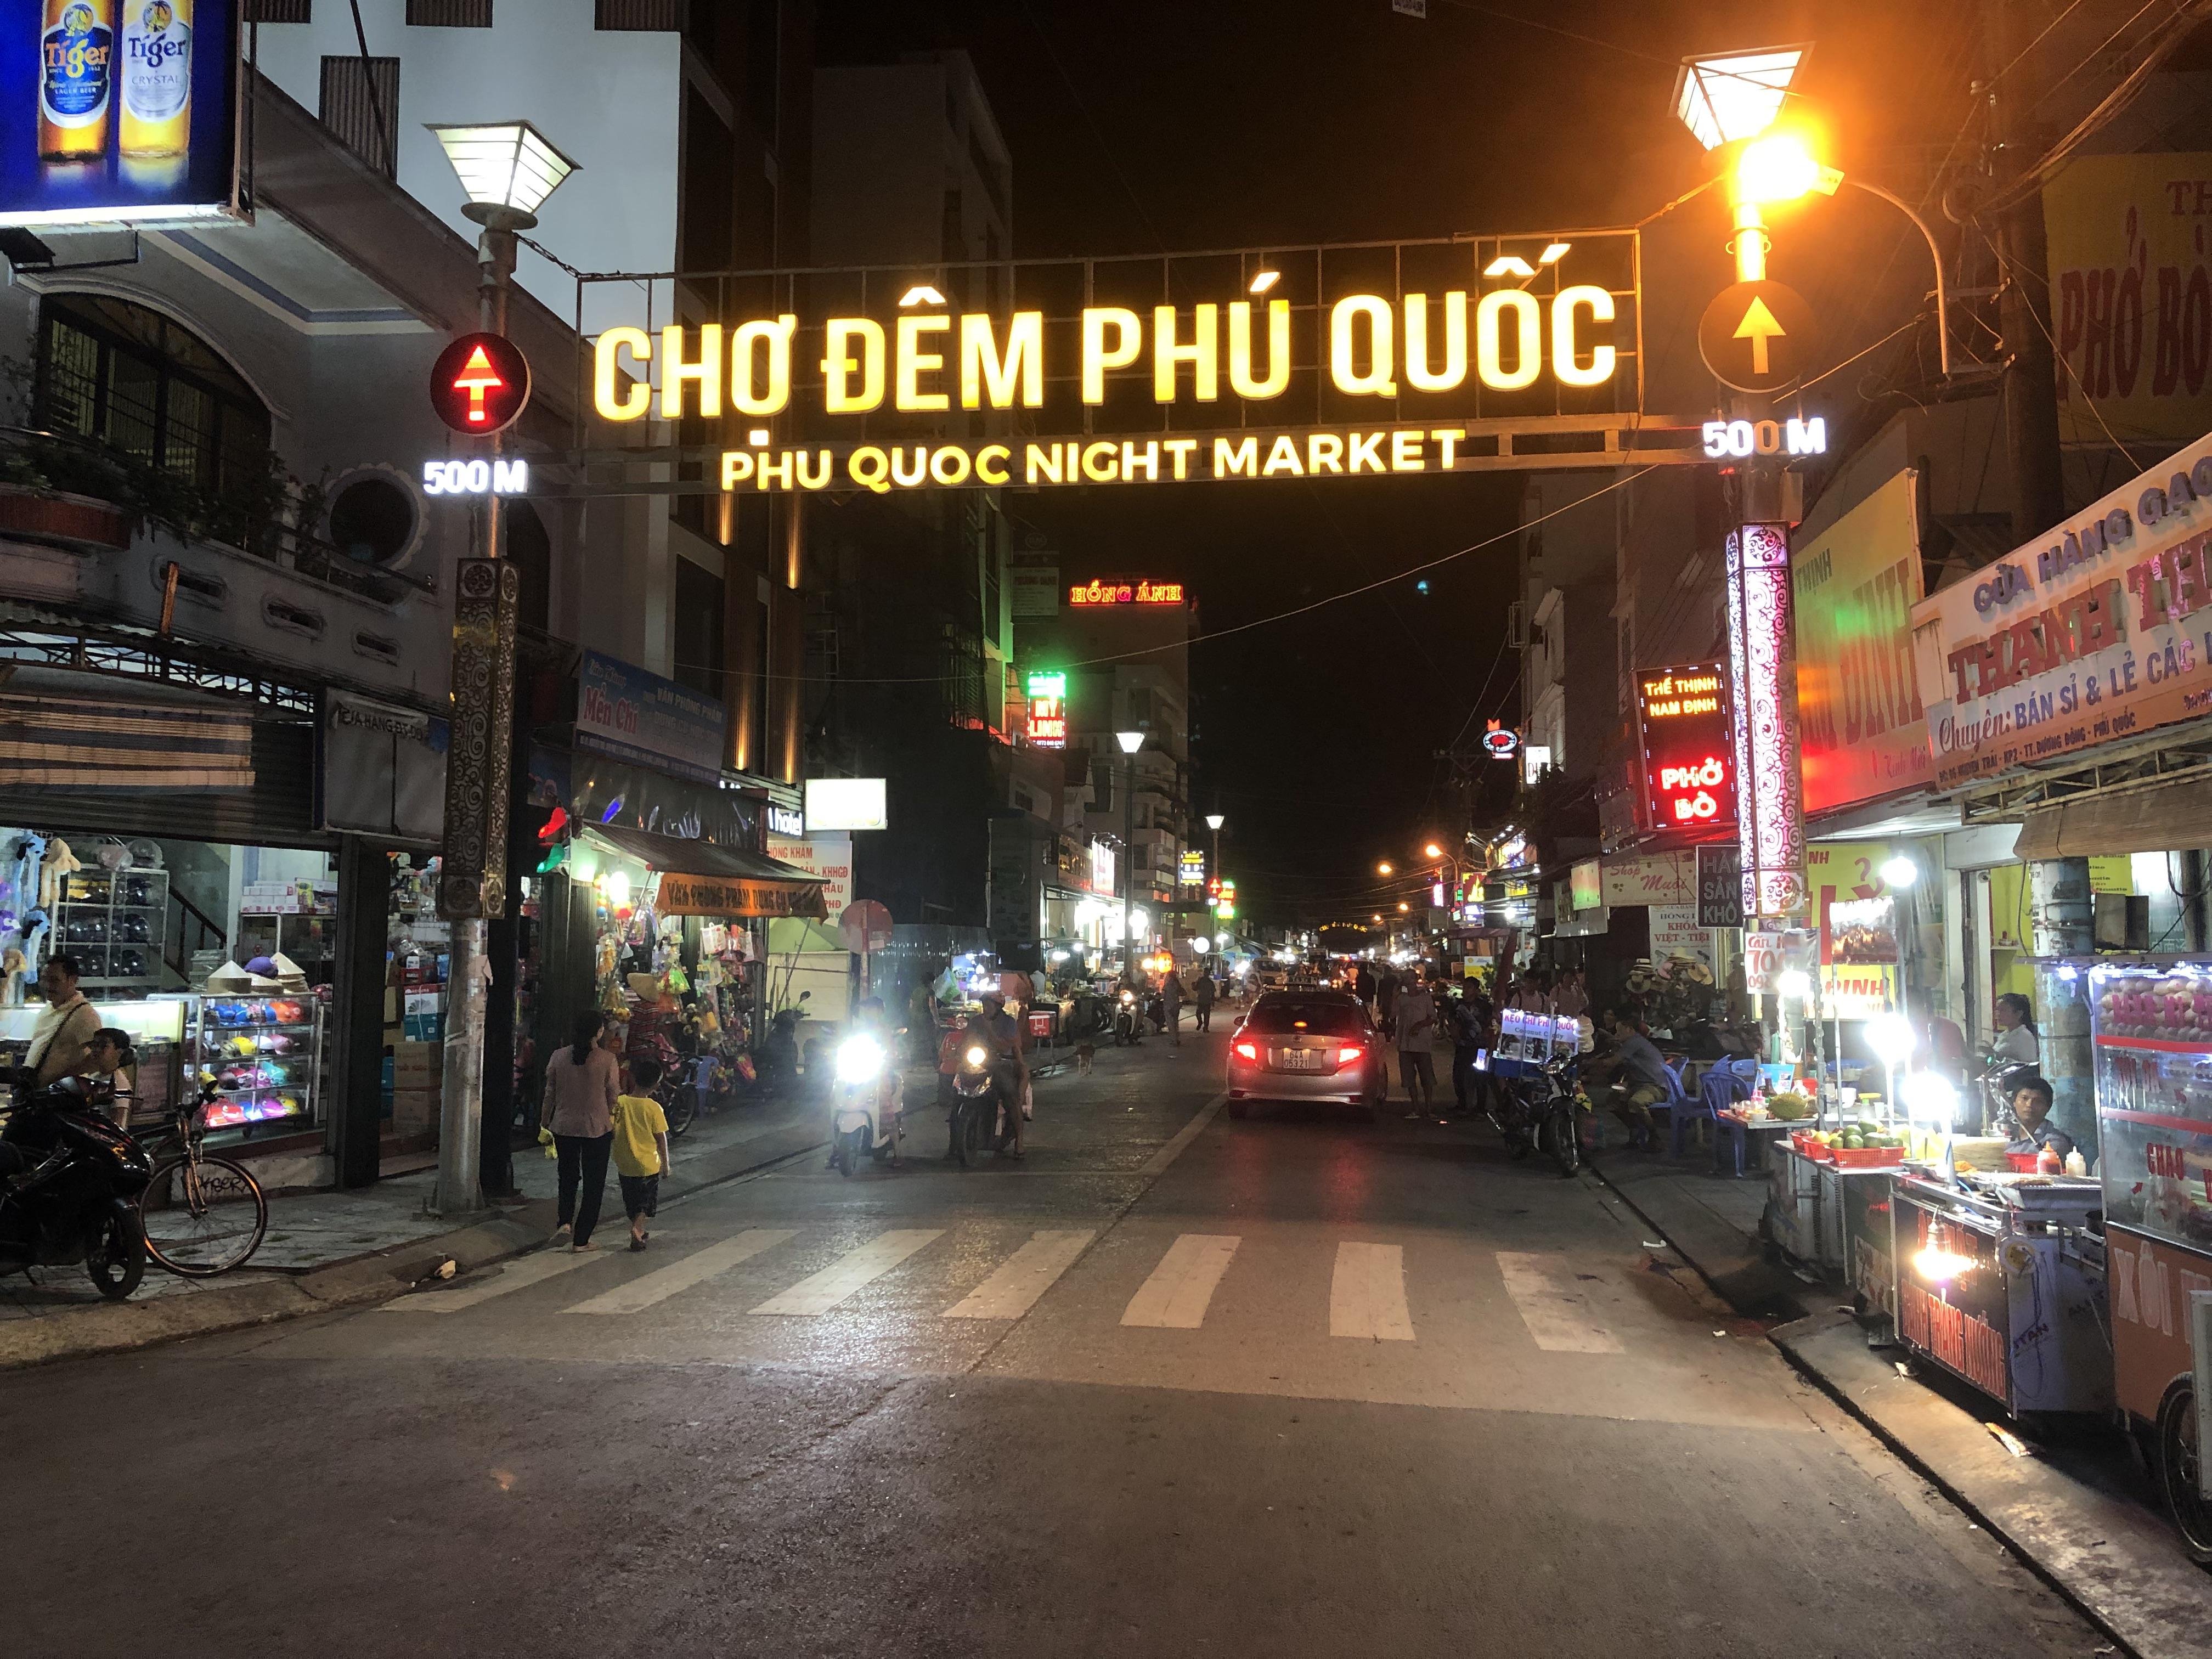 Thị trường Shophouse Phú Quốc: Nước chảy chỗ trũng - Ảnh 1